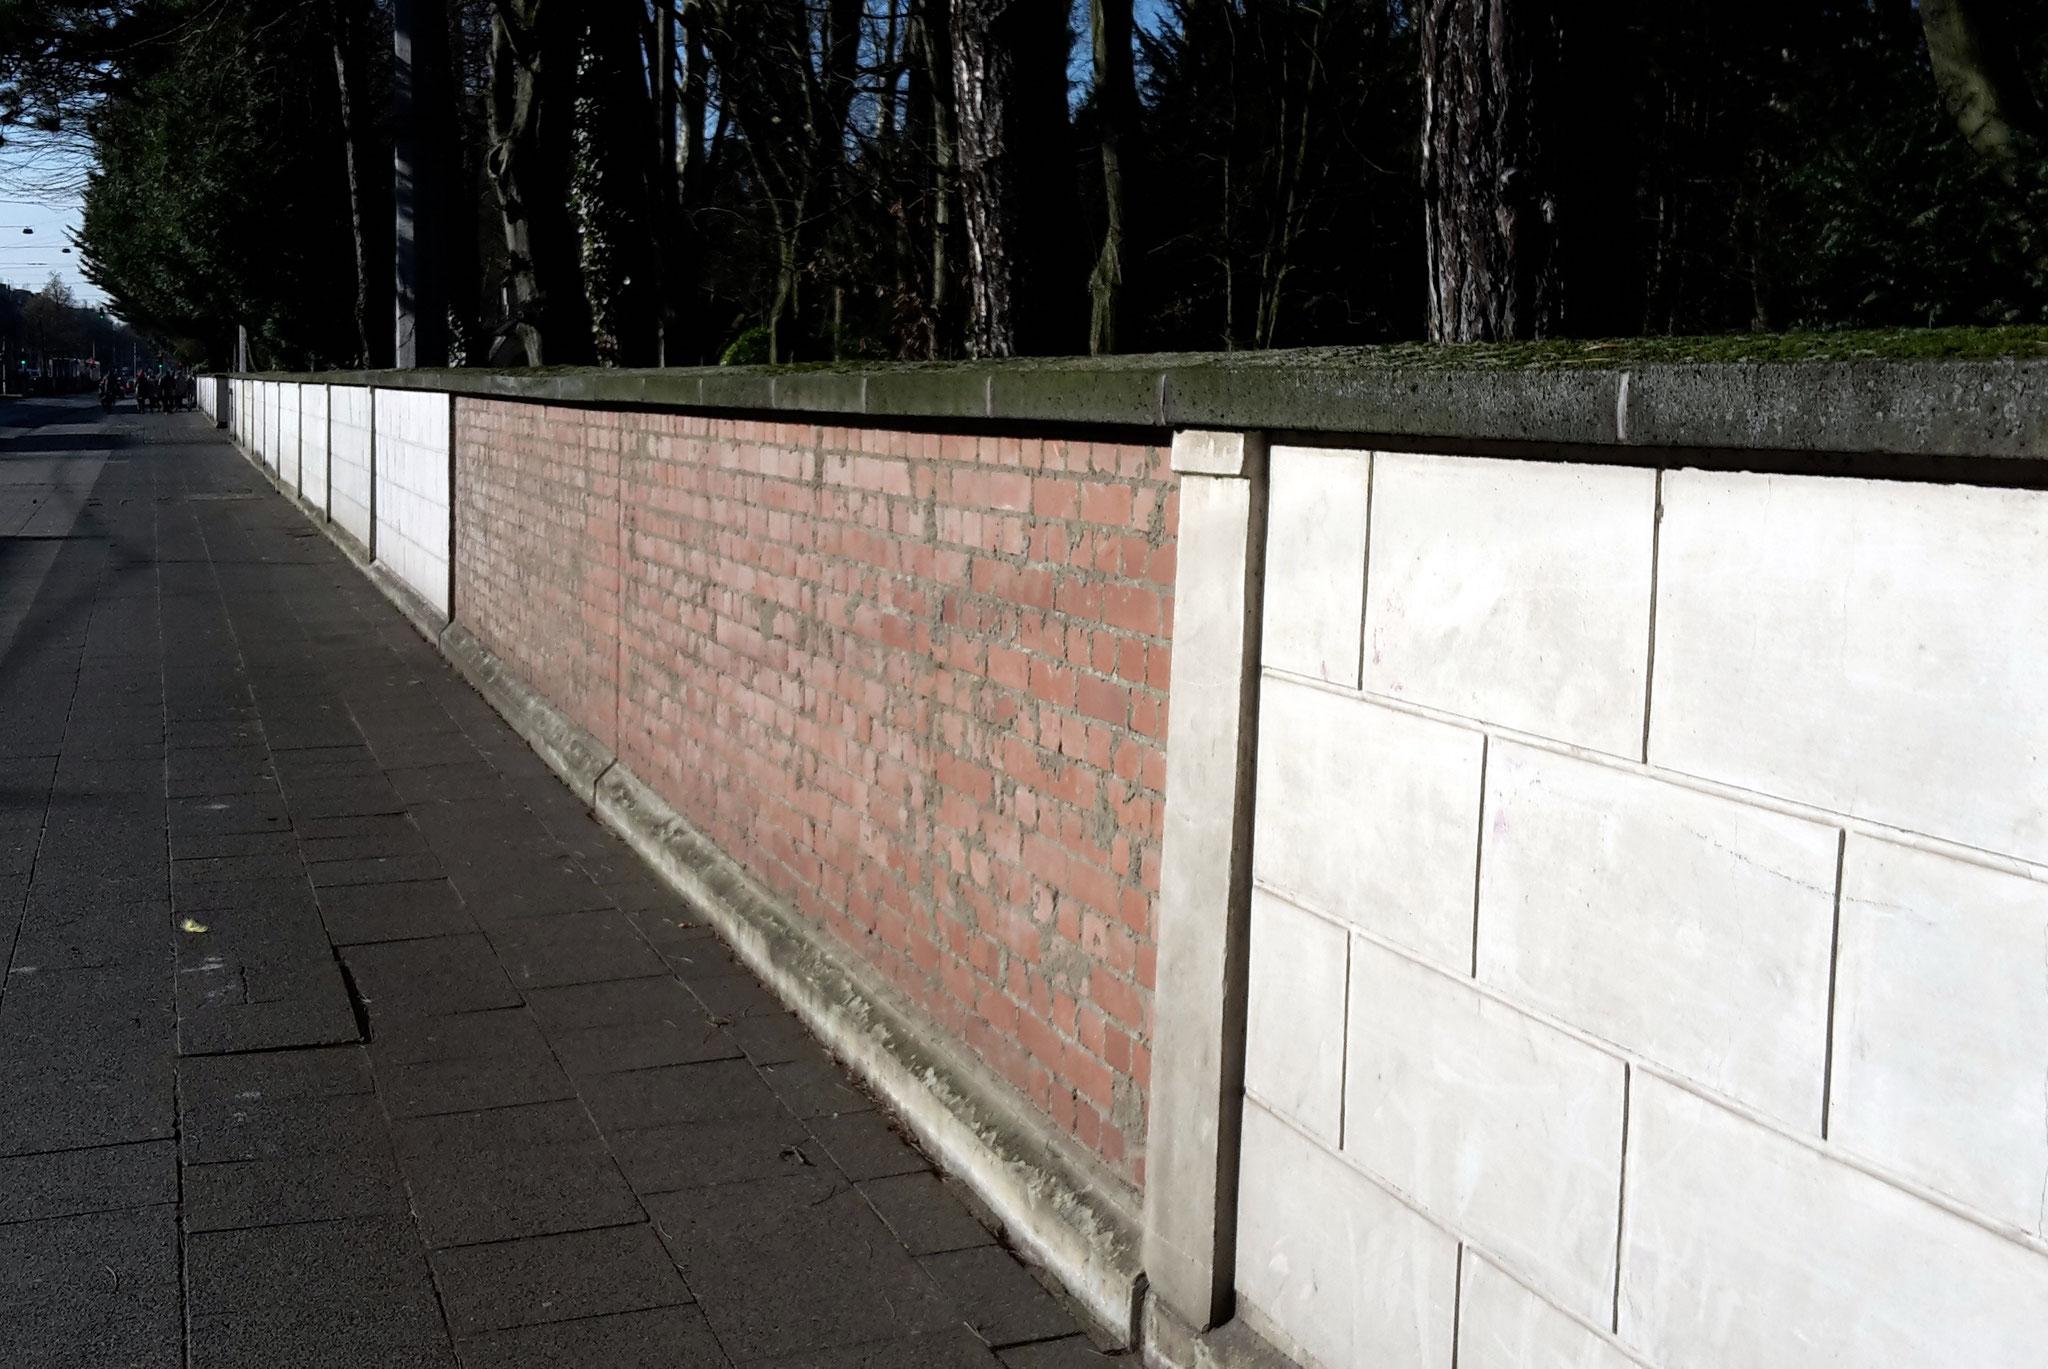 Melaten-Führung - In der Friedhofsmauer der ehemalige Ausgang der Mechternstr.  auf die Aachenerstr.